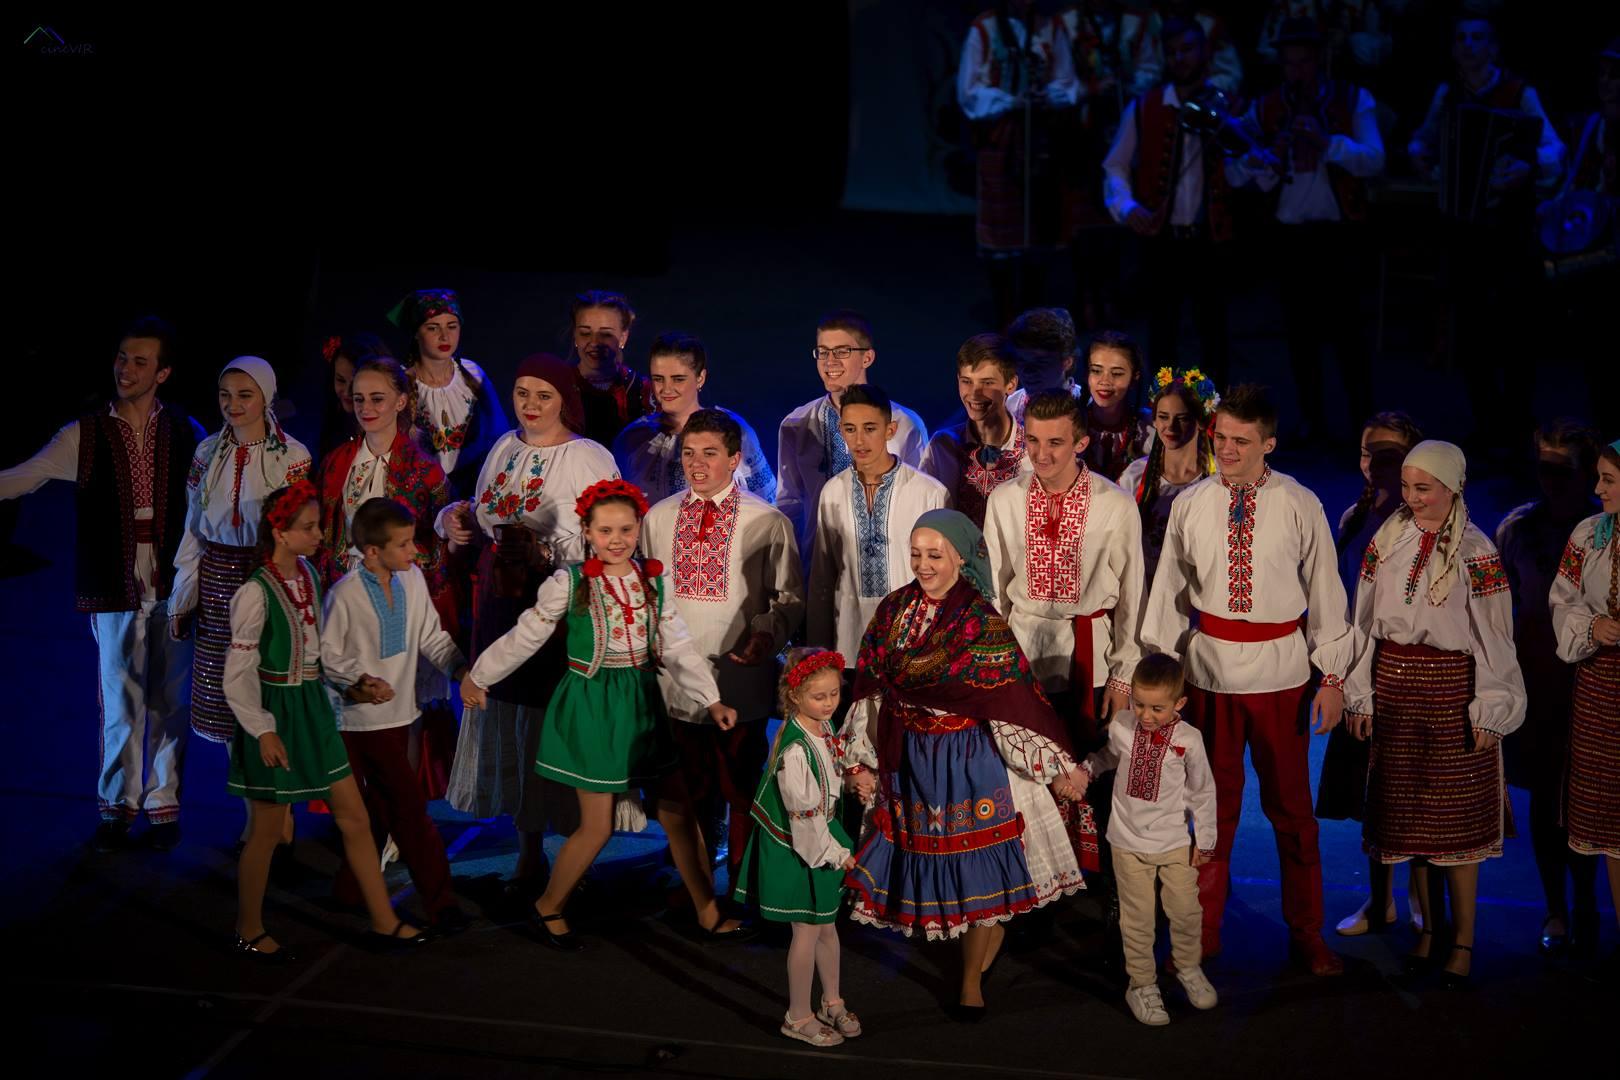 Ужгородський інститут культури і мистецтв запрошує абітурієнтів до великої і дружньої хореографічної родини (відео)